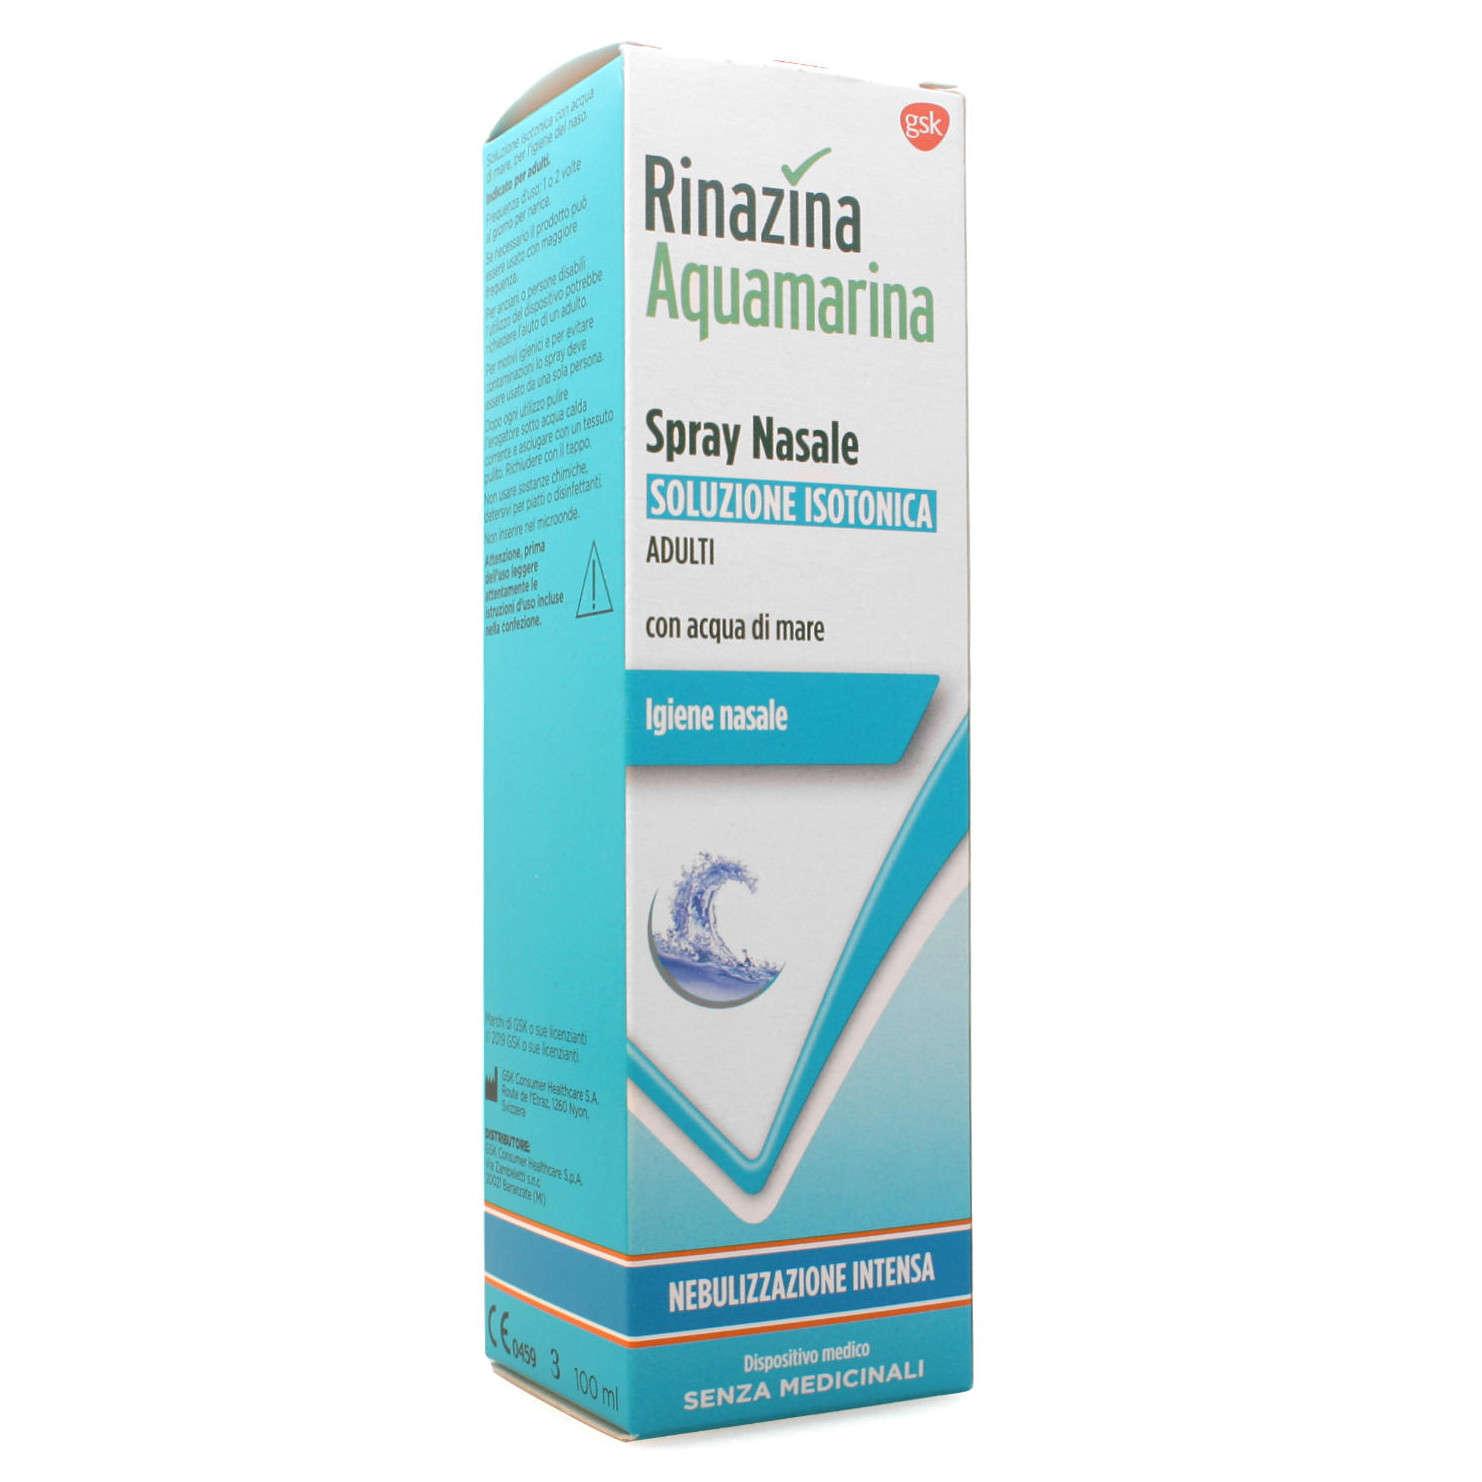 Rinazina - Aquamarina - Soluzione Isotonica con Acqua di mare - Nebulizzazione intensa